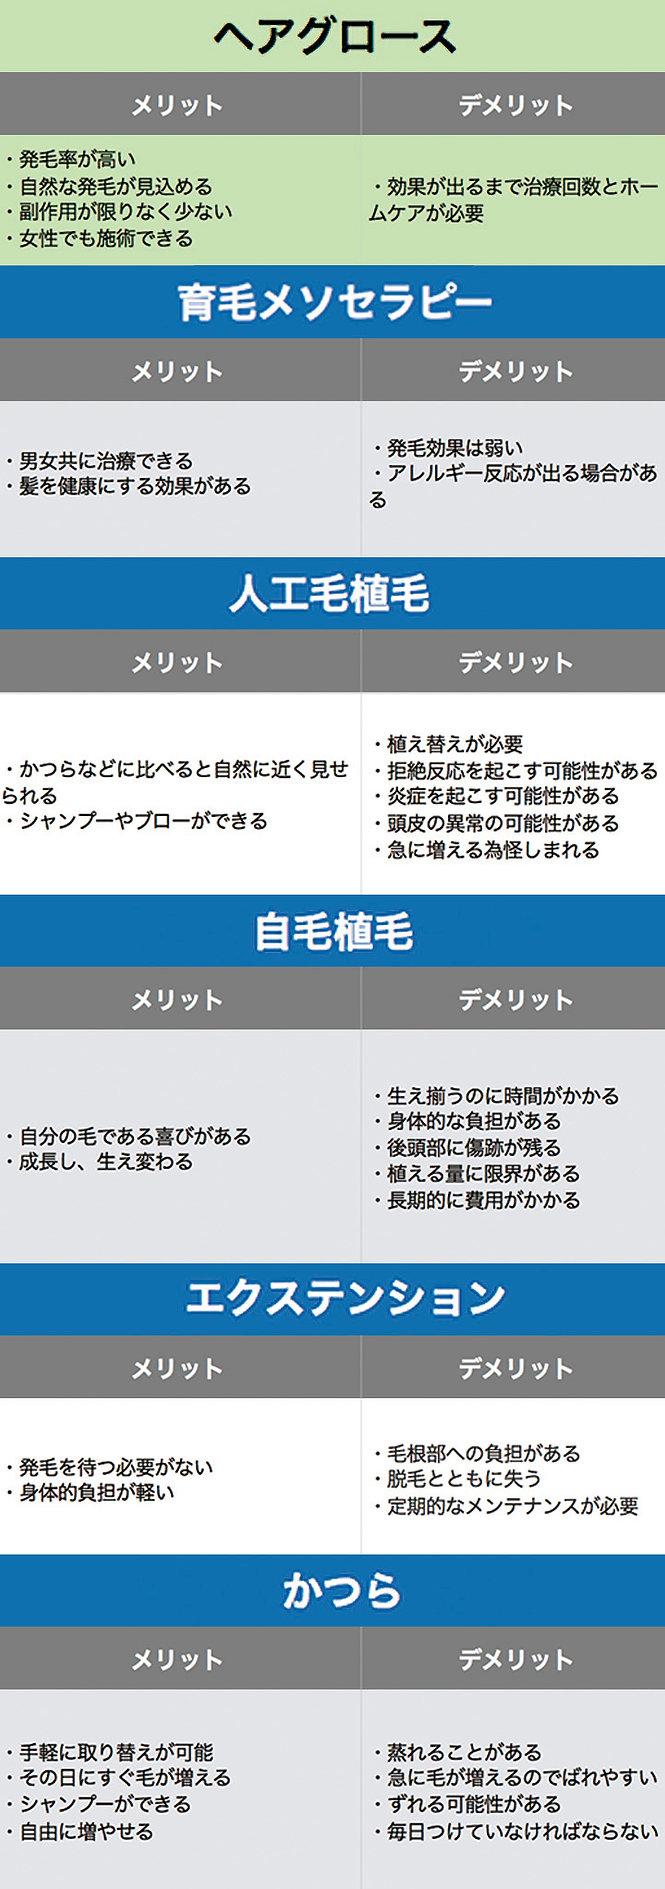 大阪大東住道・発毛・育毛・アンチエイジング・ヘアグロース・再生医療